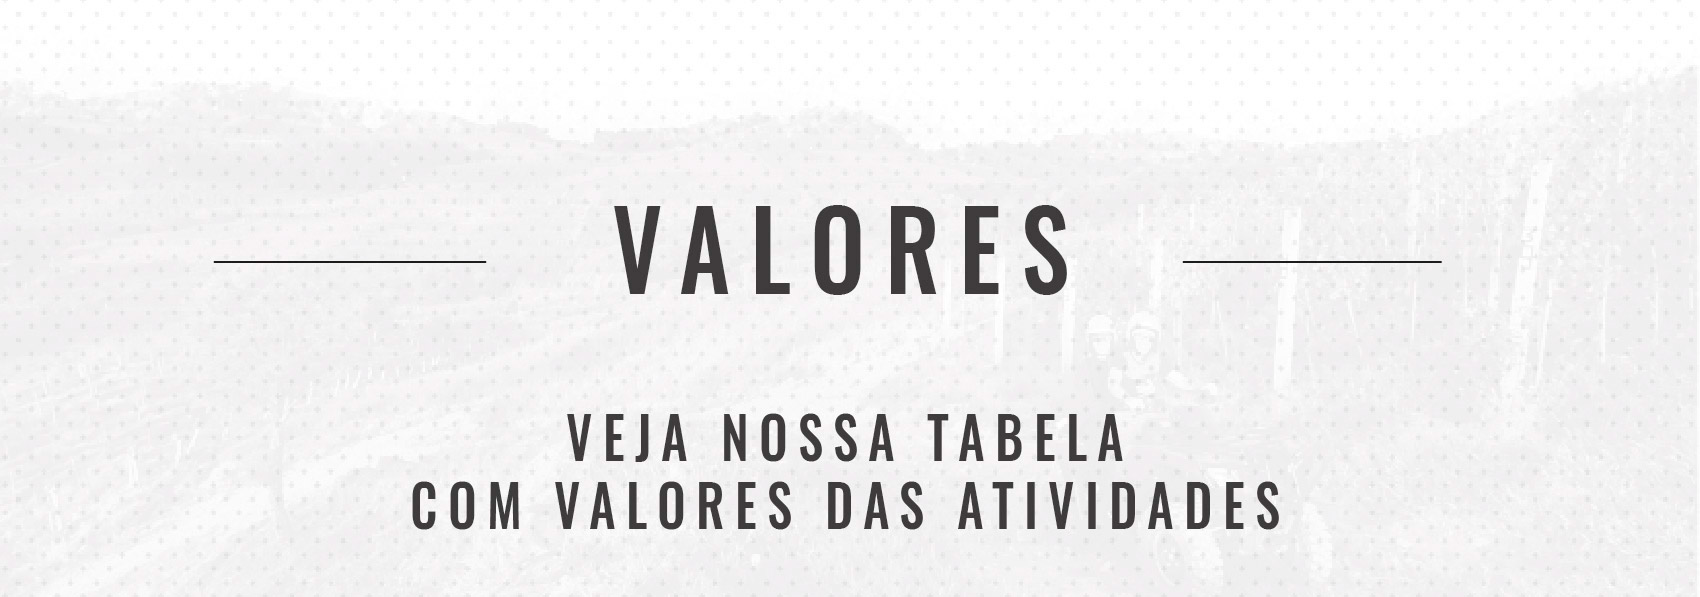 valores-vale-dos-vinhedos-bg-2